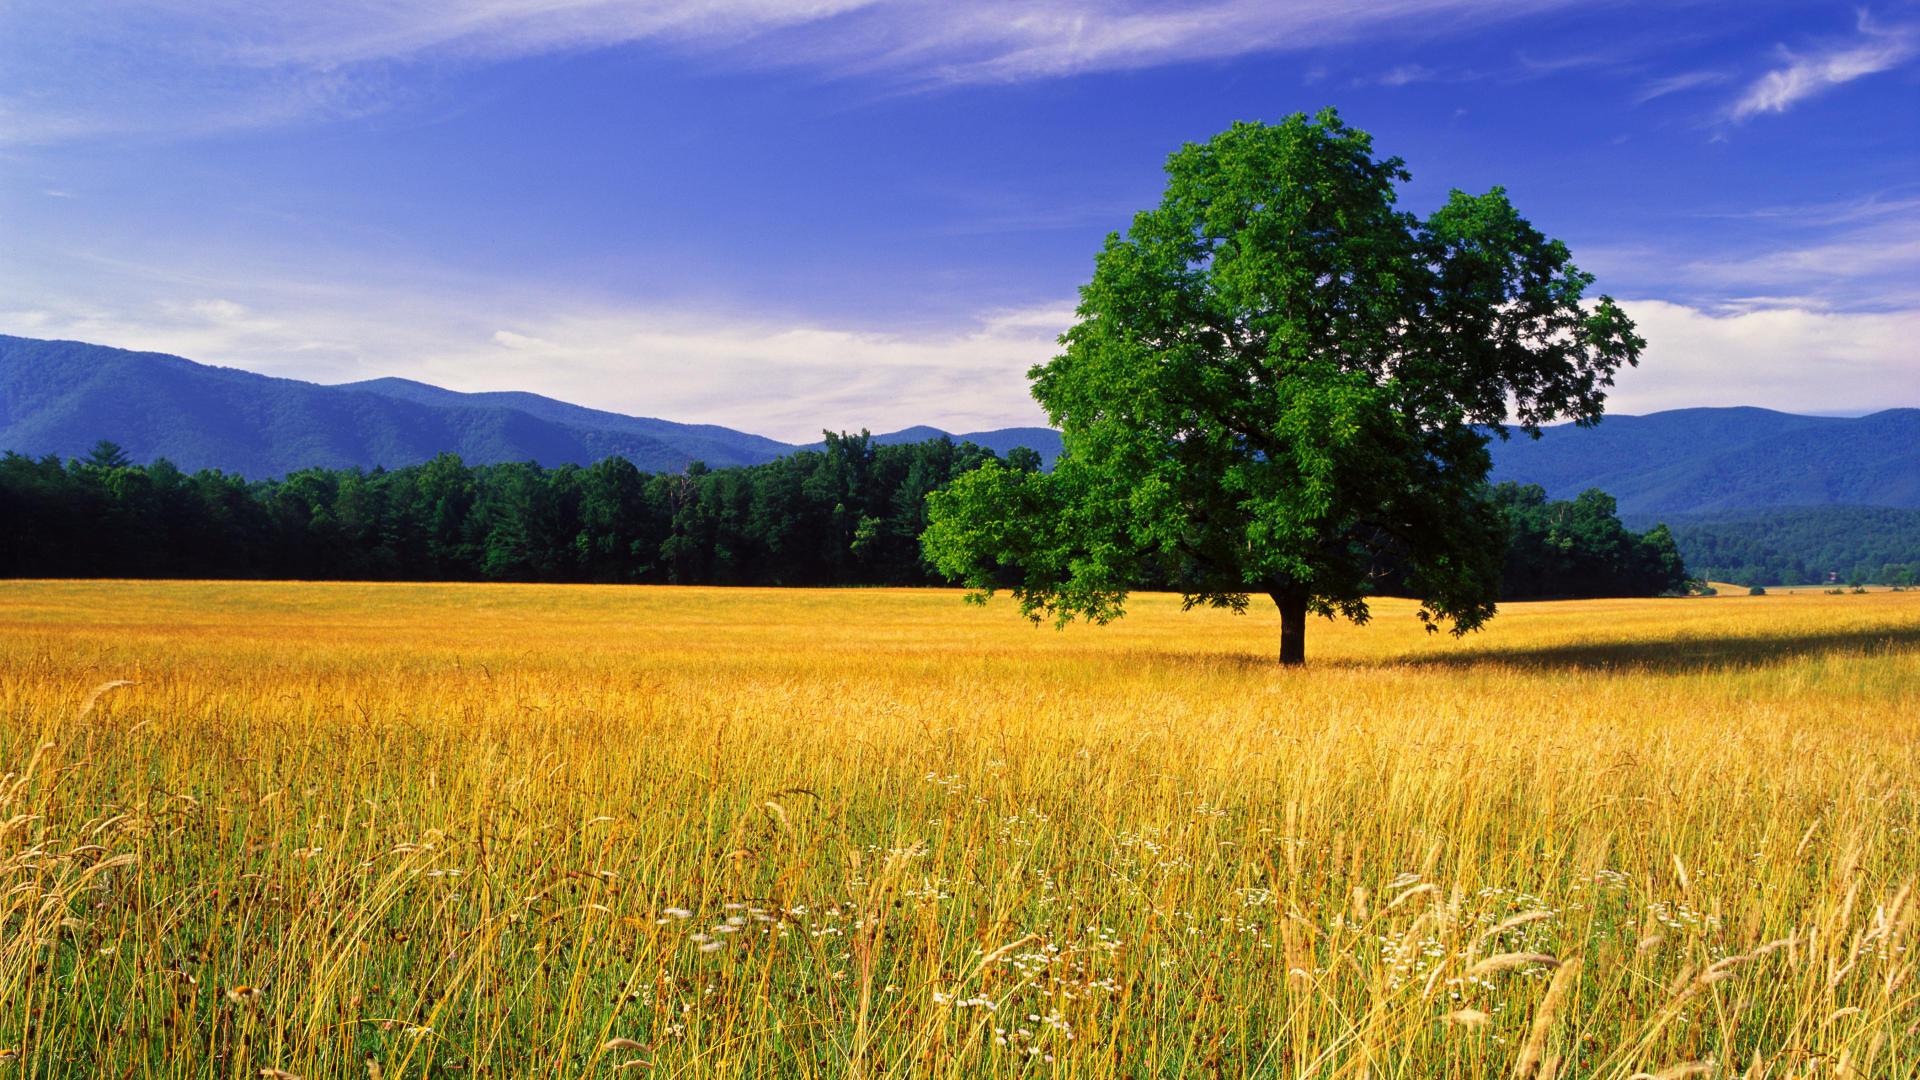 beautiful photos best desktop landscape hd wallpapers widescreen 1920x1080